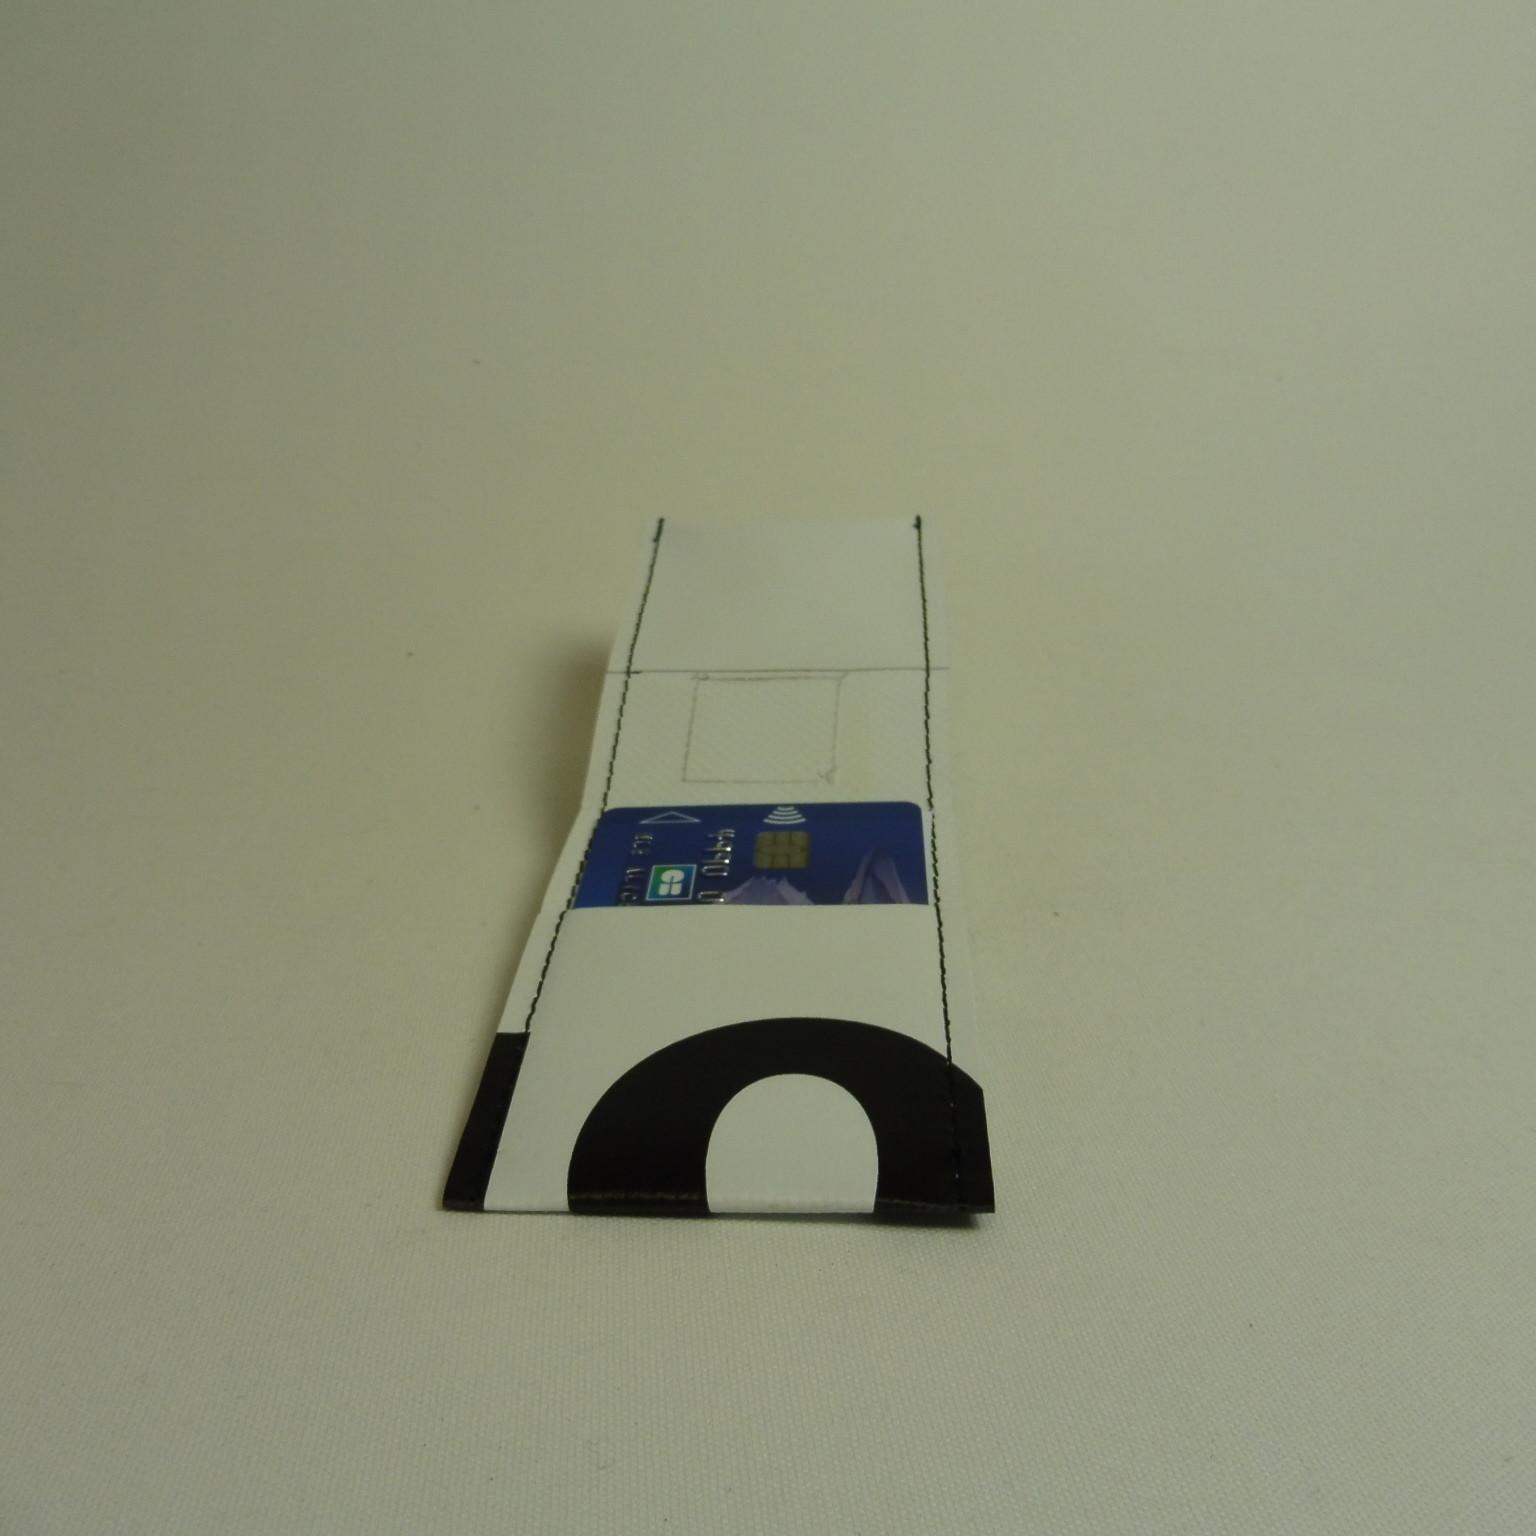 NOé Porte cartes en bâche by Oh_la_bâche E OUVERT